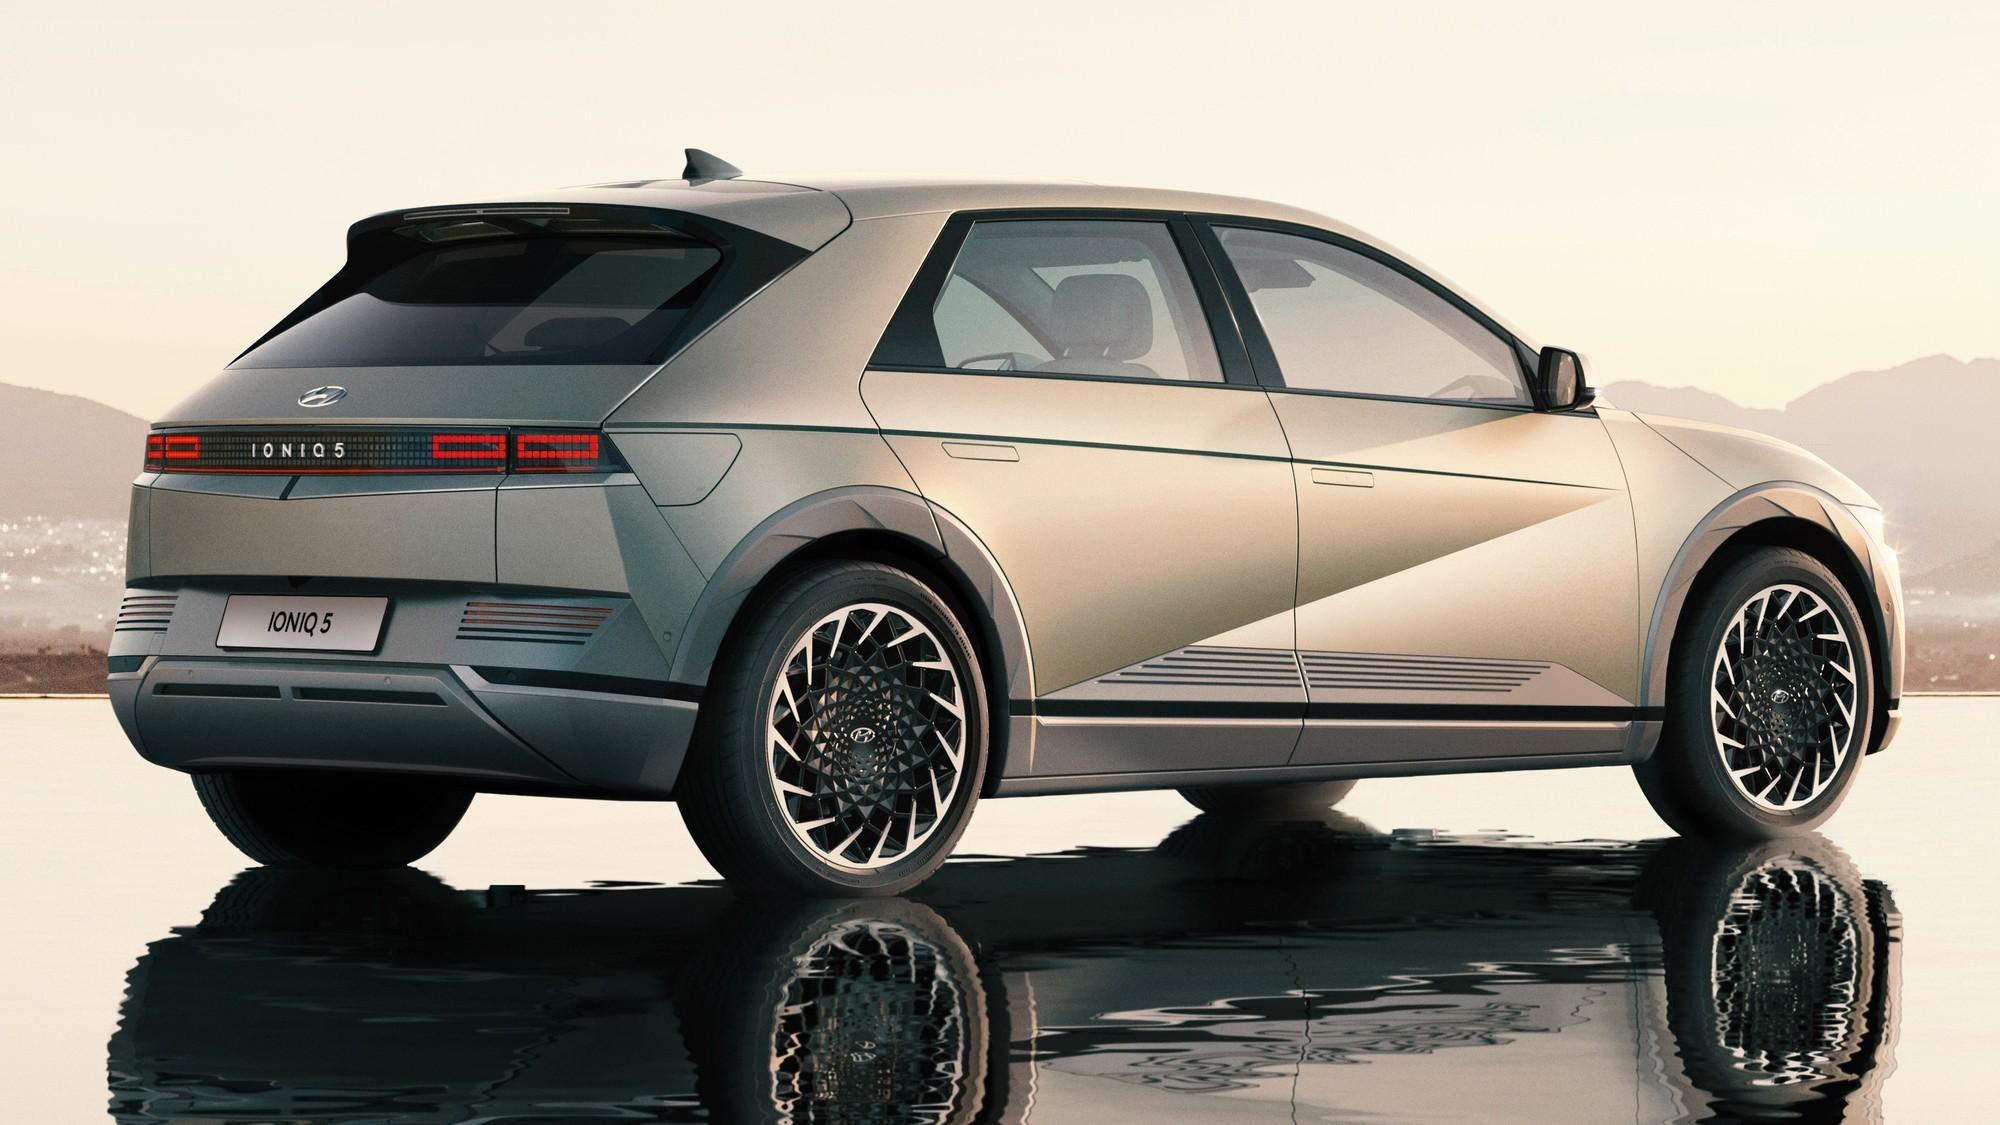 Hyundai Ioniq 5: крупный электрический кросс-хэтчбек с полным либо задним приводом